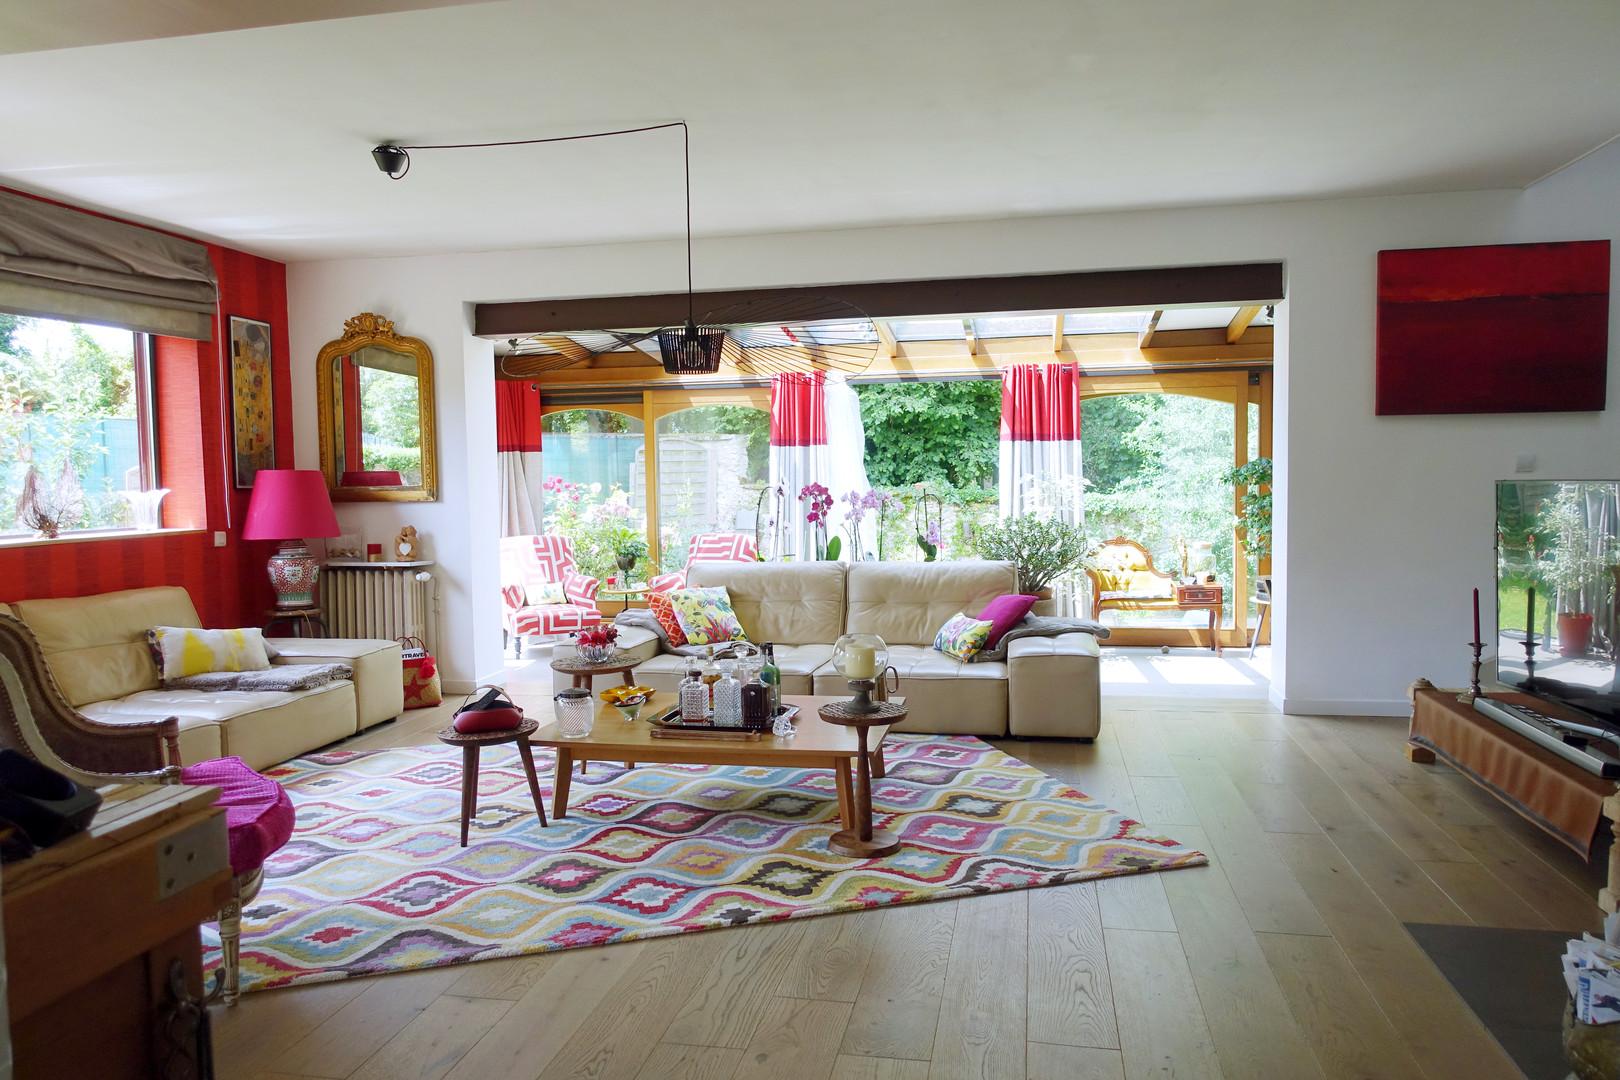 Salon Boho ethnique au couleurs chaudes